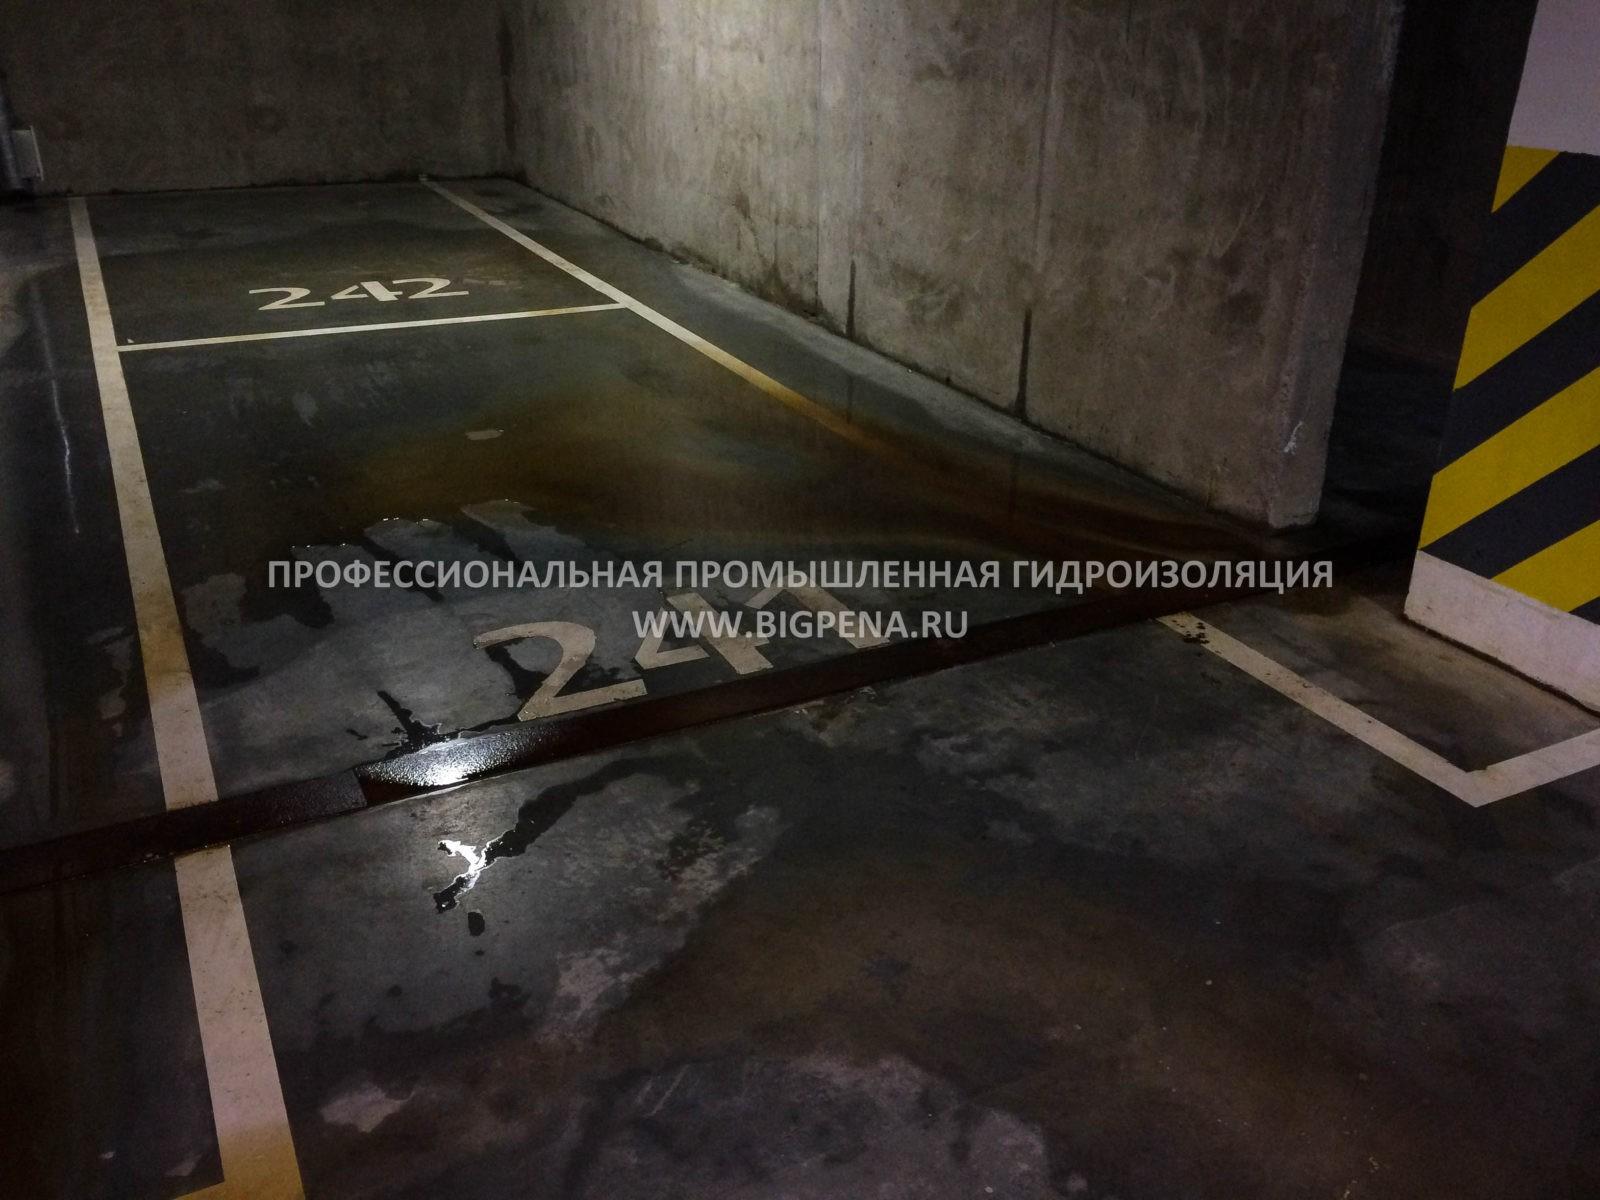 ЭКСПЕРТИЗА ГИДРОИЗОЛЯЦИИ ПАРКИНГА ПИТЕР